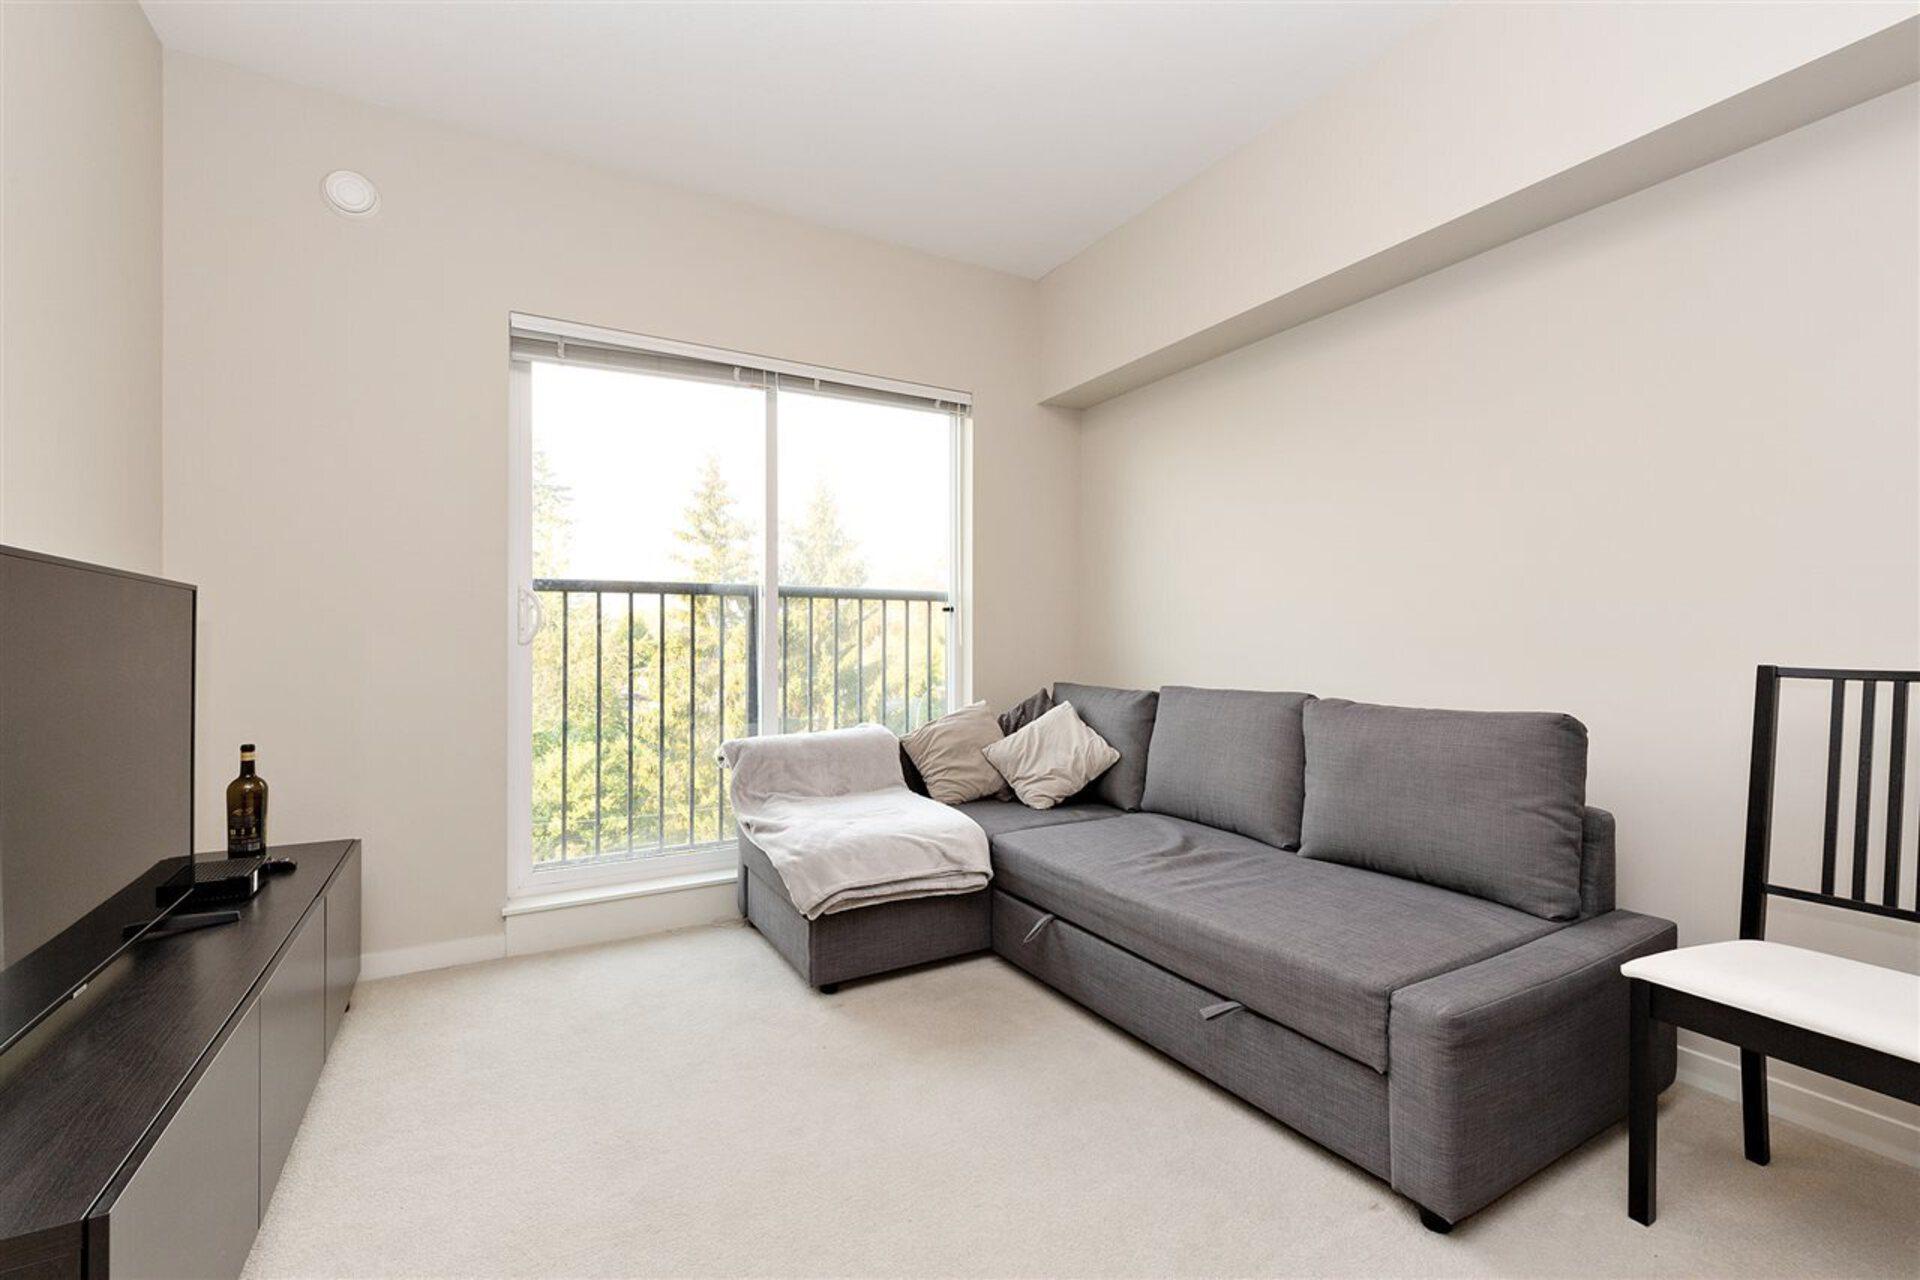 13728-108-avenue-whalley-north-surrey-02 at 434 - 13728 108 Avenue, Whalley, North Surrey